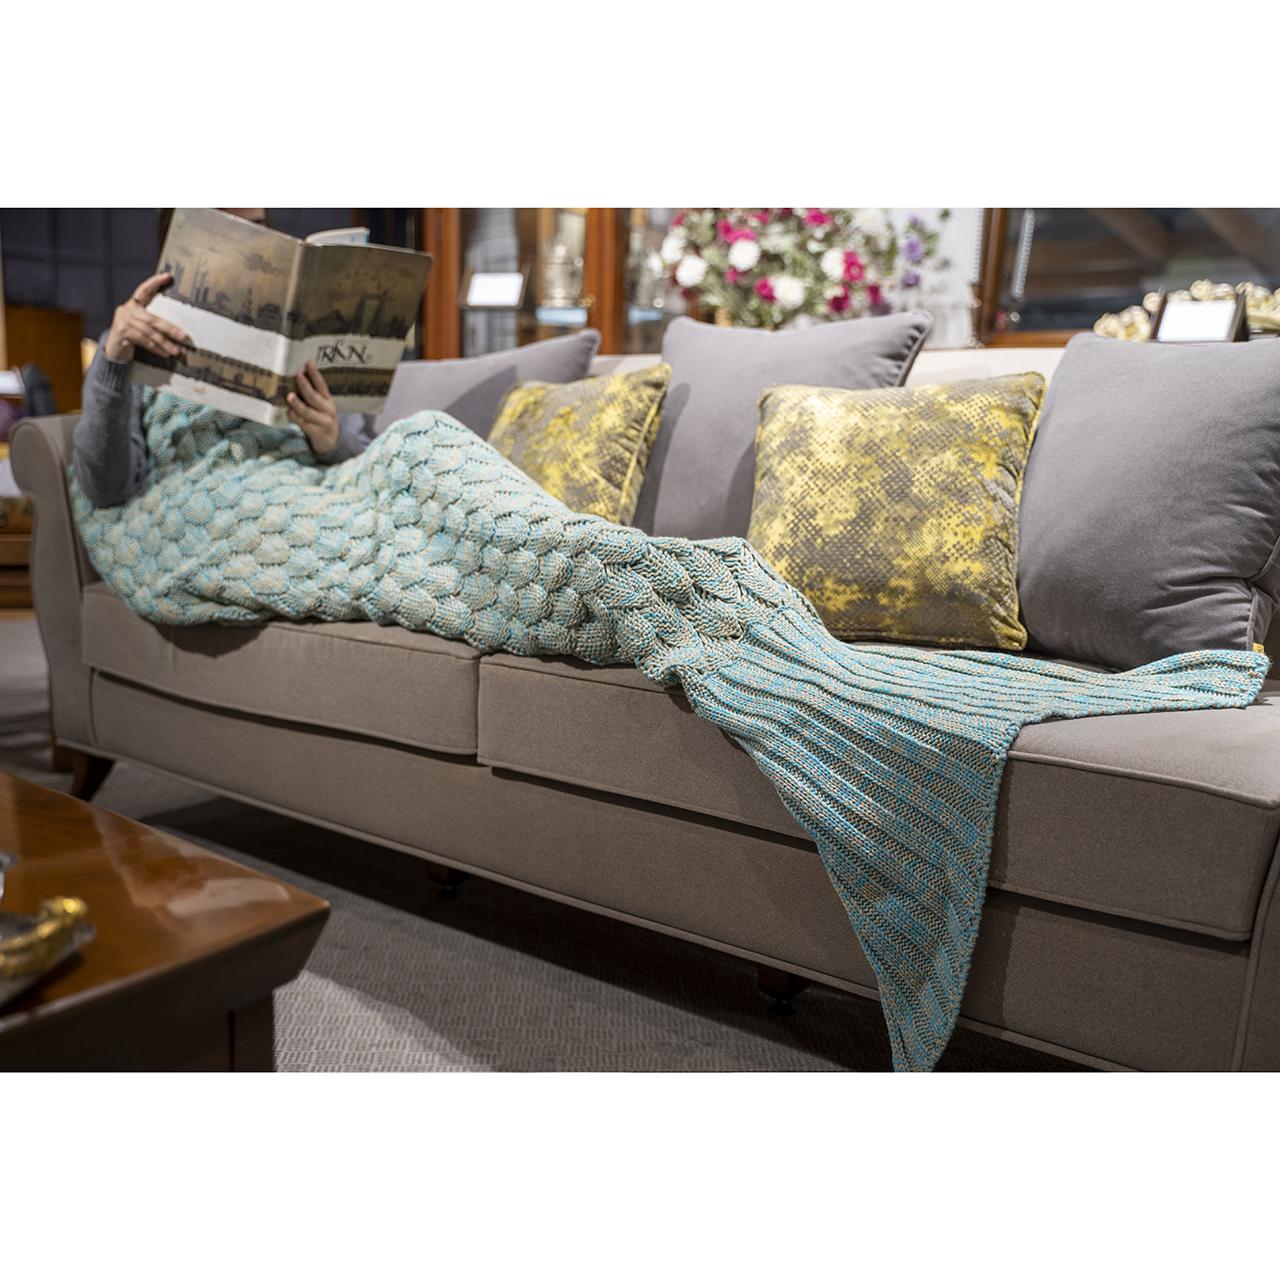 شال مبل مدل پری دریایی